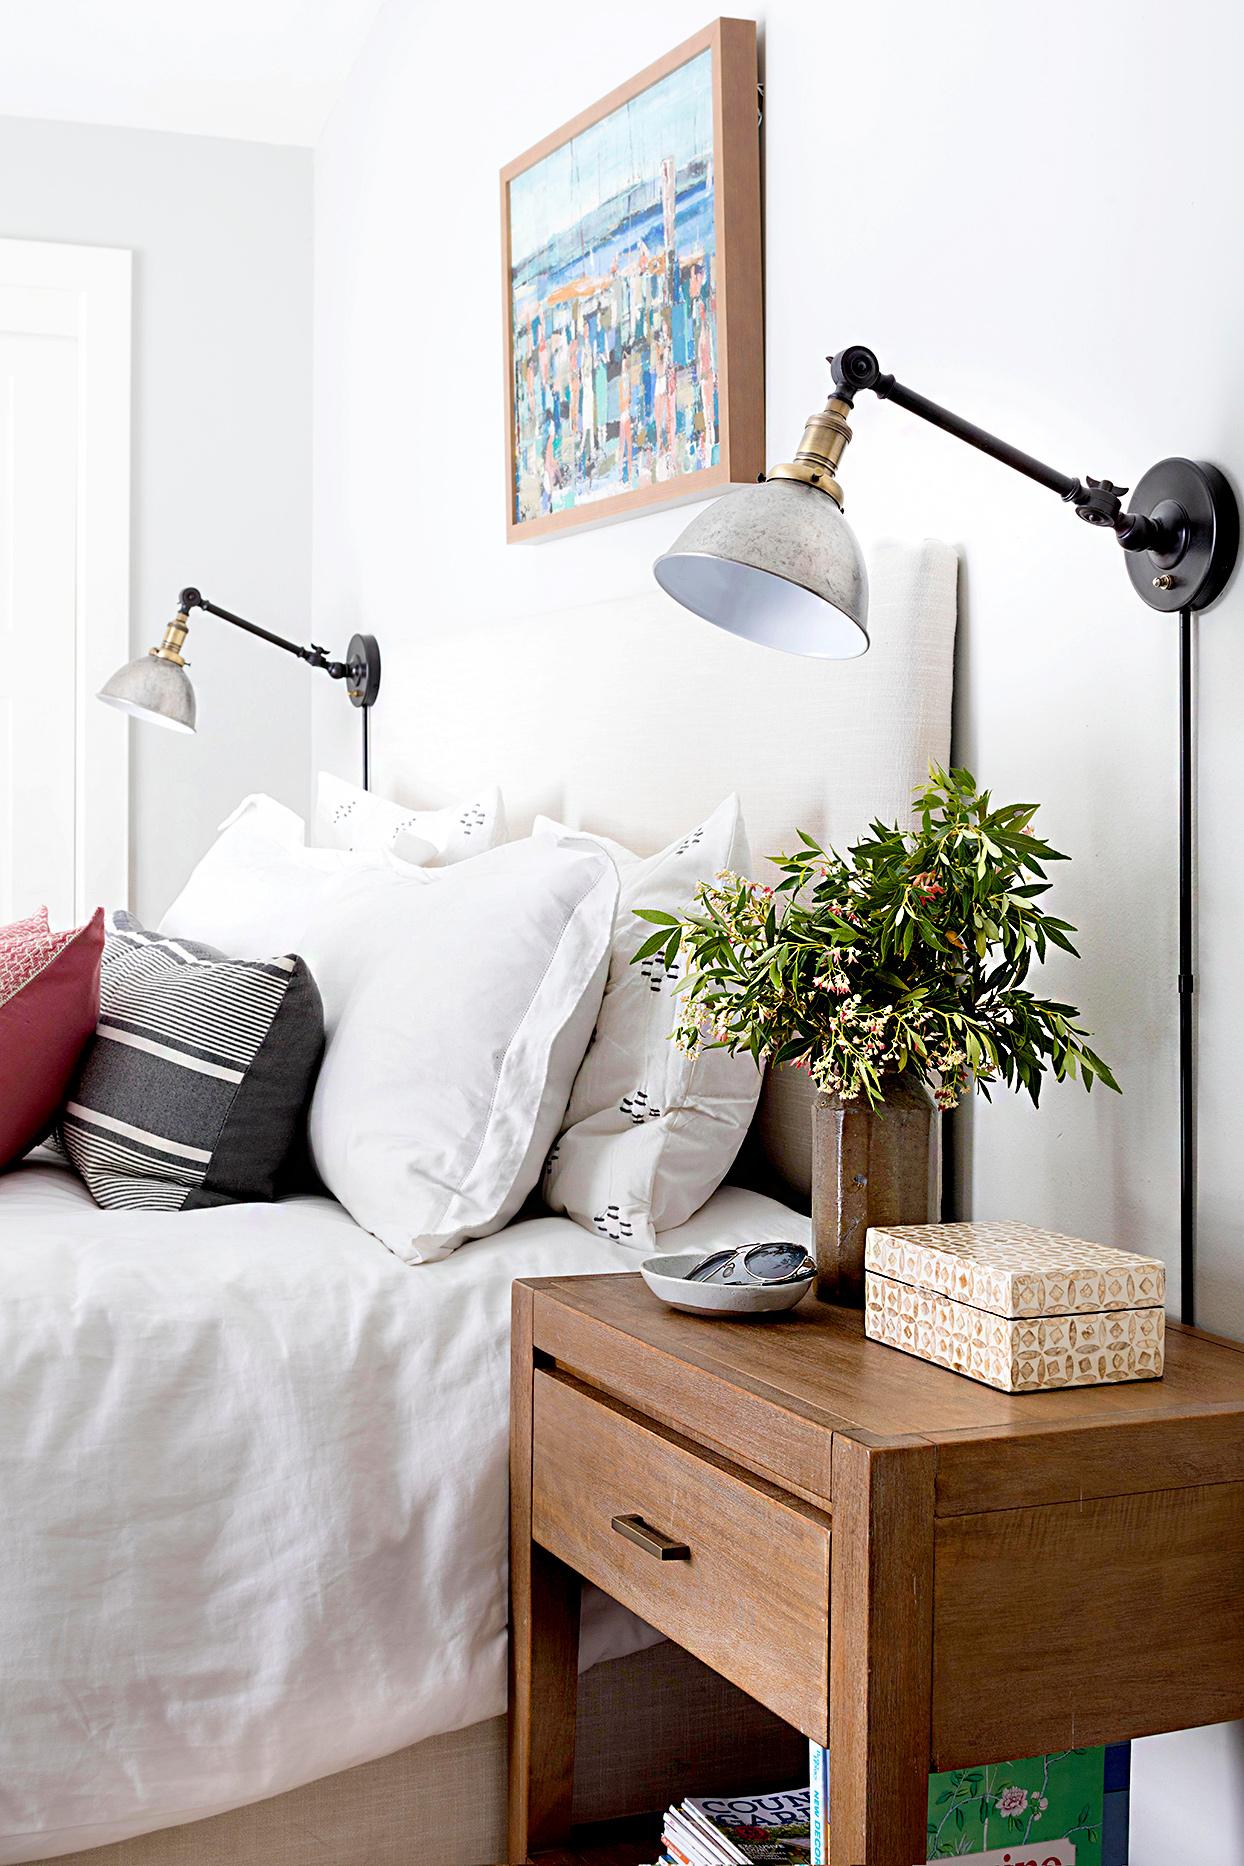 Thay vì sử dụng đèn để sàn thì những chiếc đèn gắn tường sẽ là lựa chọn phù hợp cho những phòng ngủ diện tích nhỏ